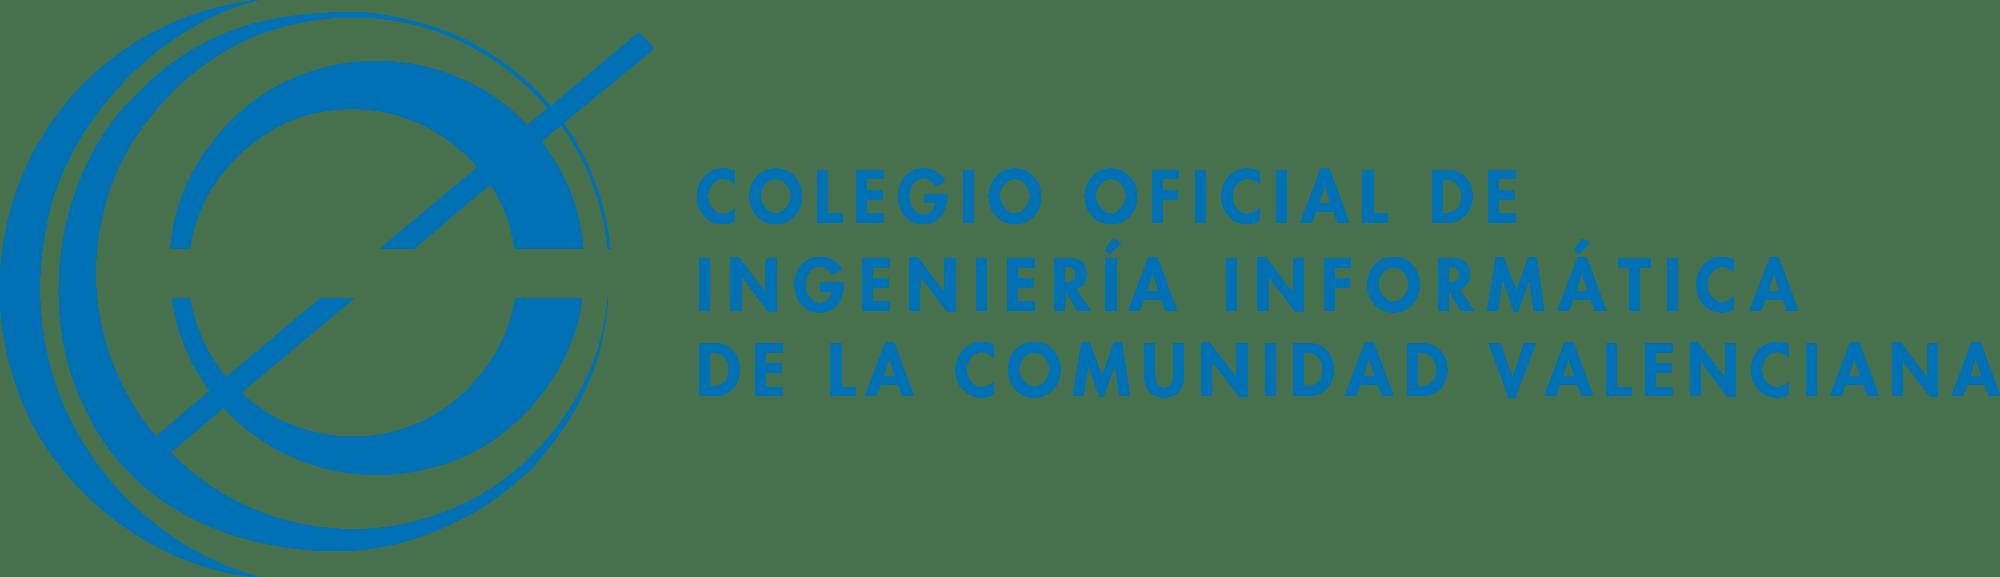 Colegio Oficial de Ingenieros en Informática de la Comunidad Valenciana